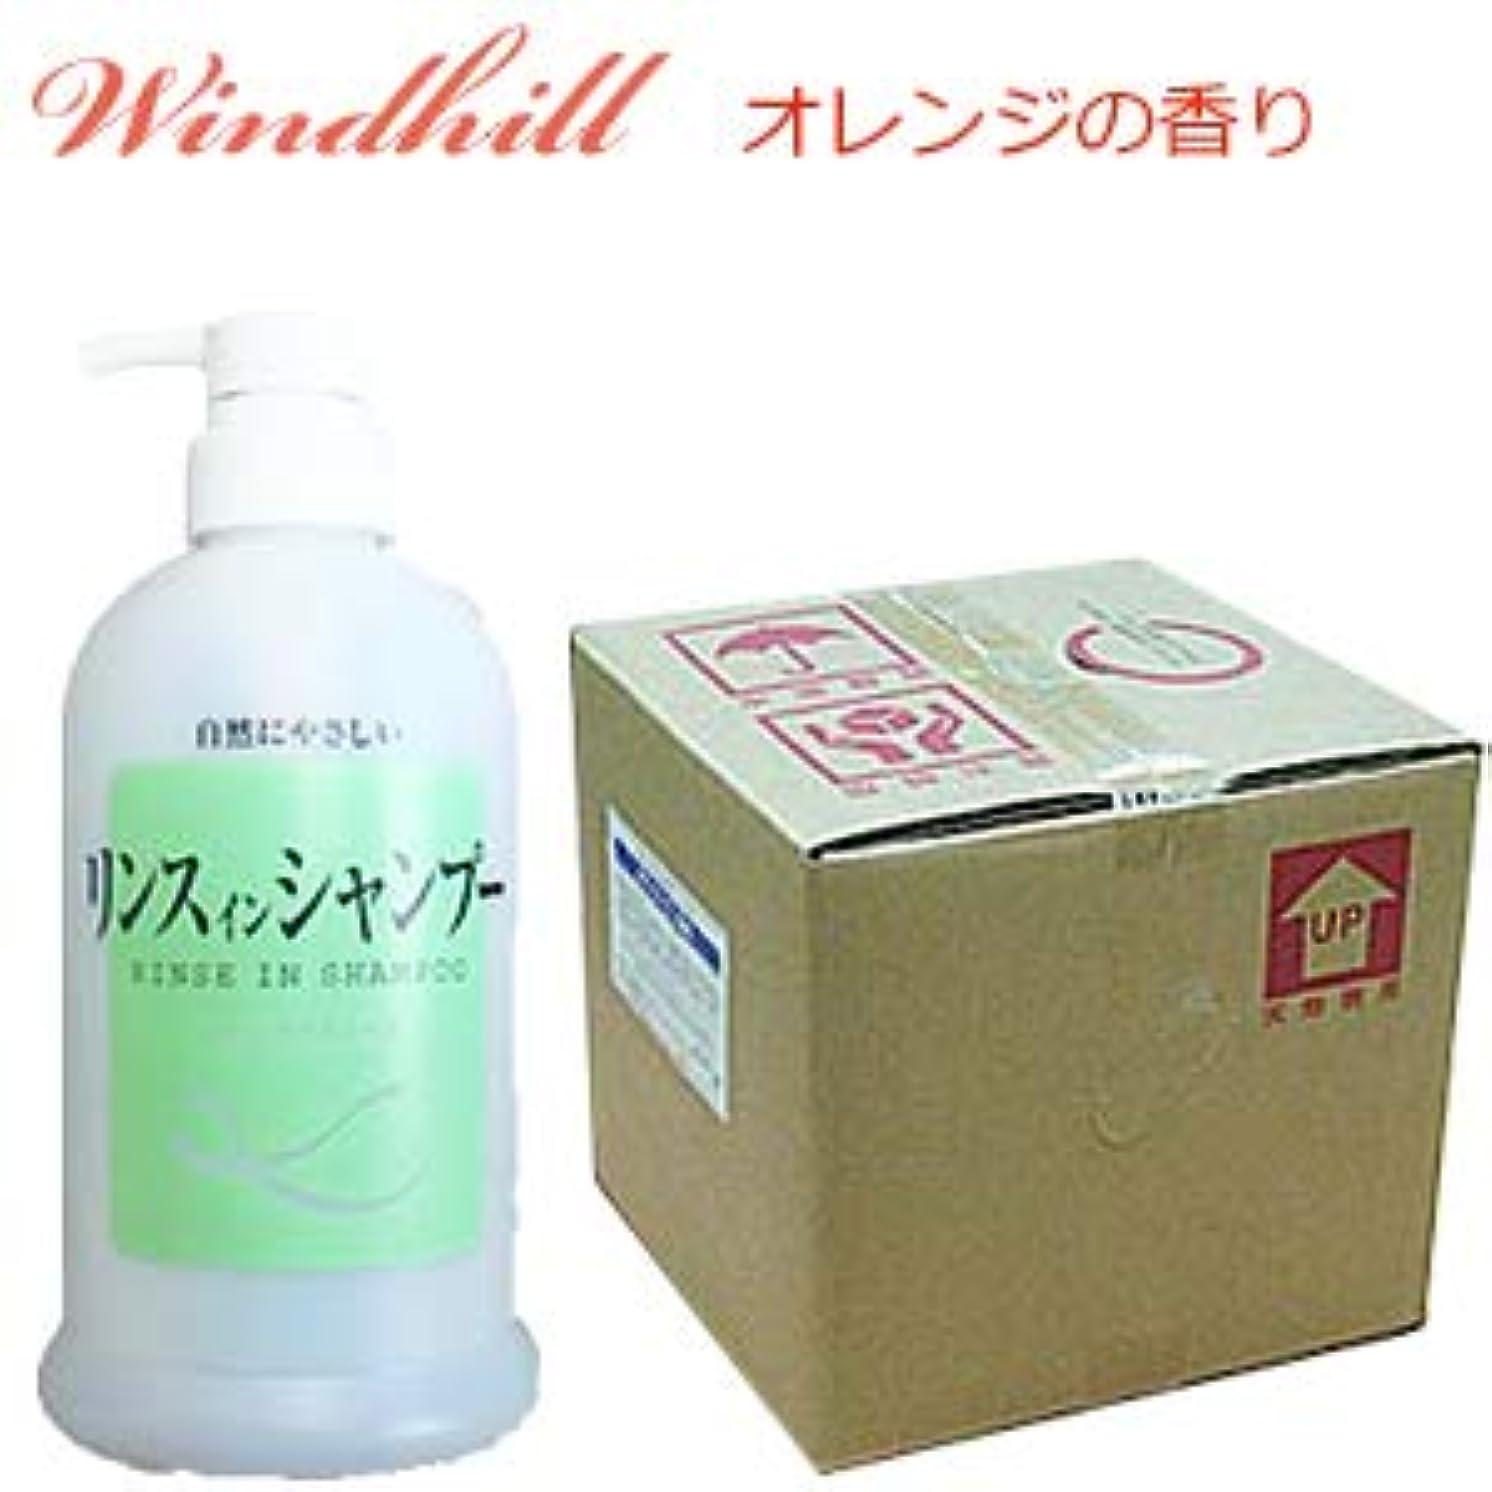 シンポジウム軽食軍艦Windhill 植物性業務用 リンスインシャンプーオレンジの香り 20L(1セット20L入)